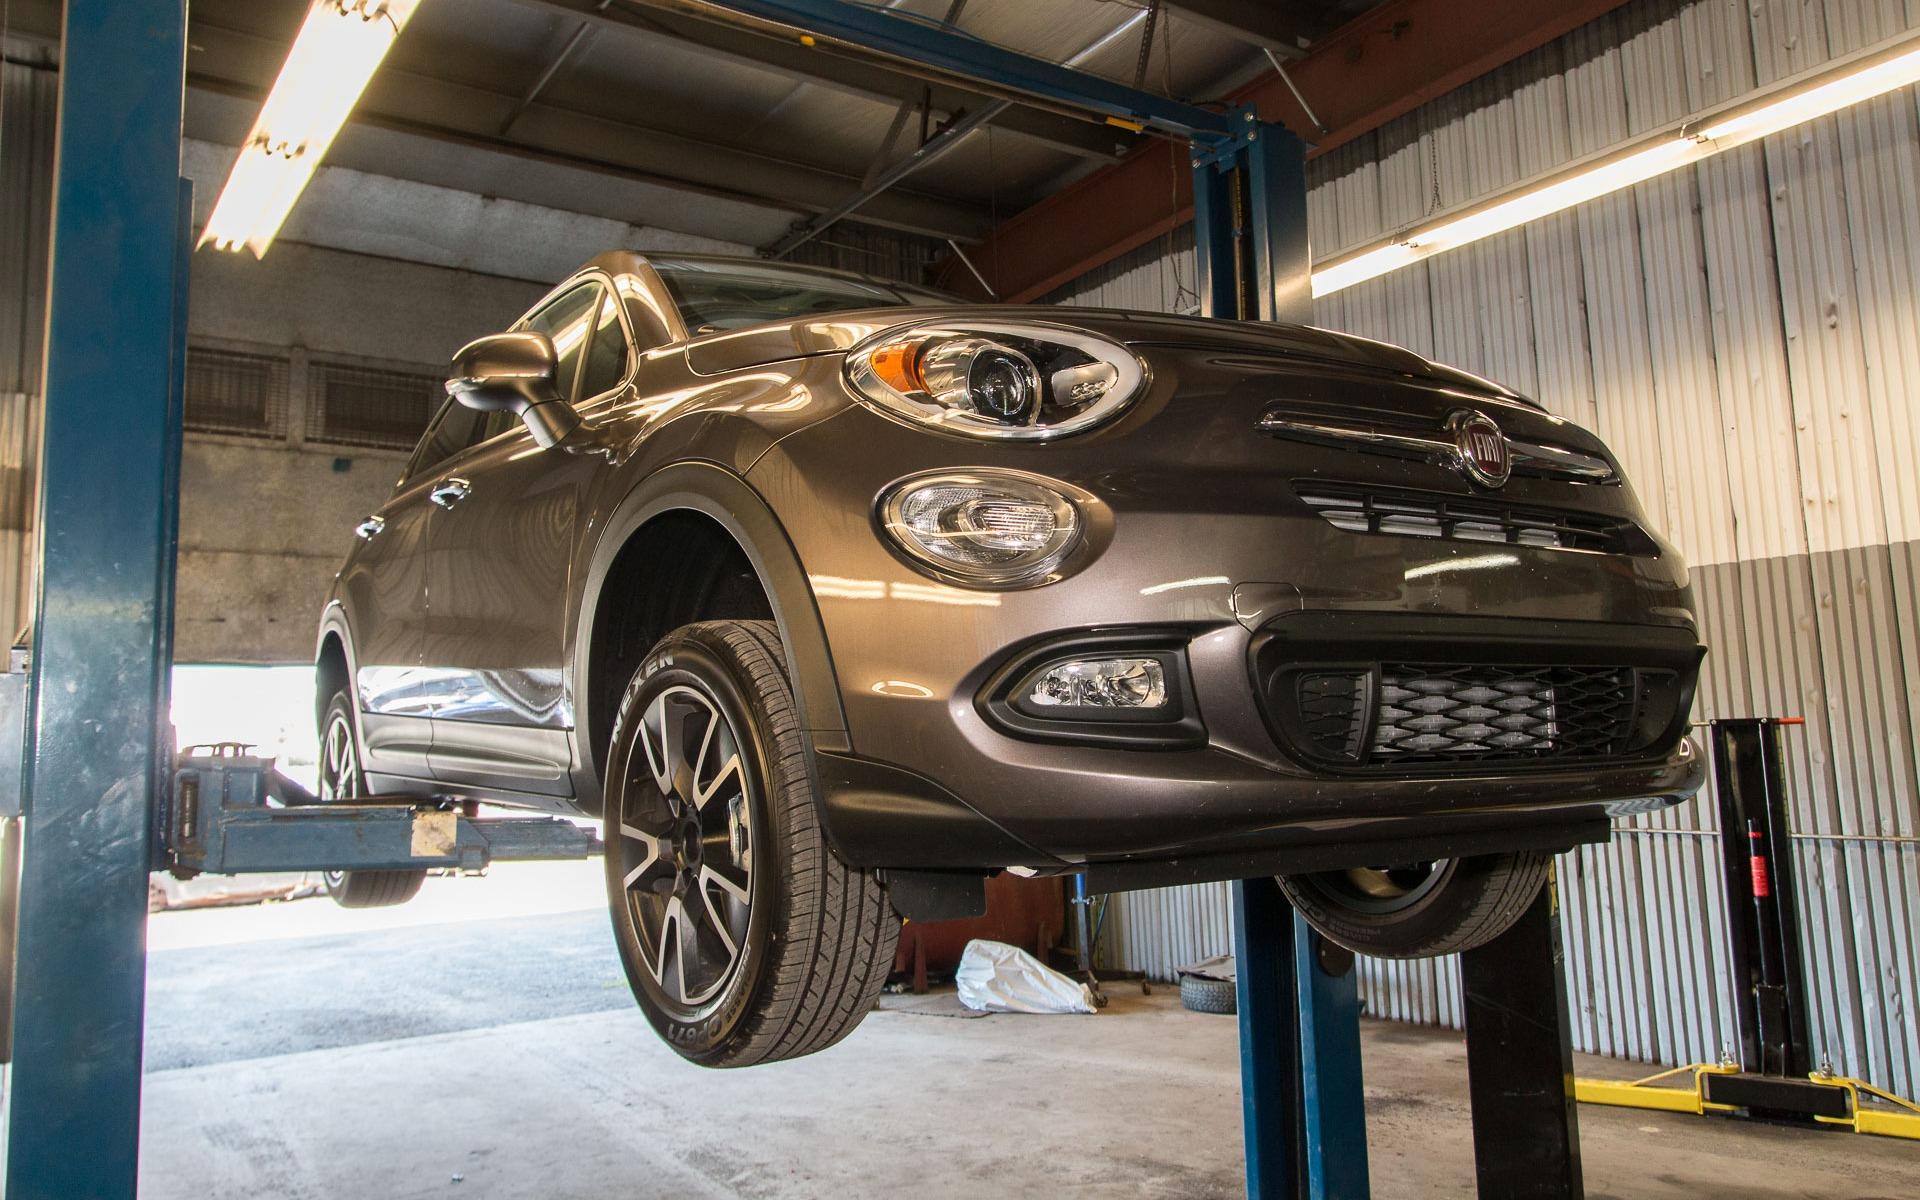 Fiat 500x au garage pas si mauvais guide auto for Garage fiat englos horaires